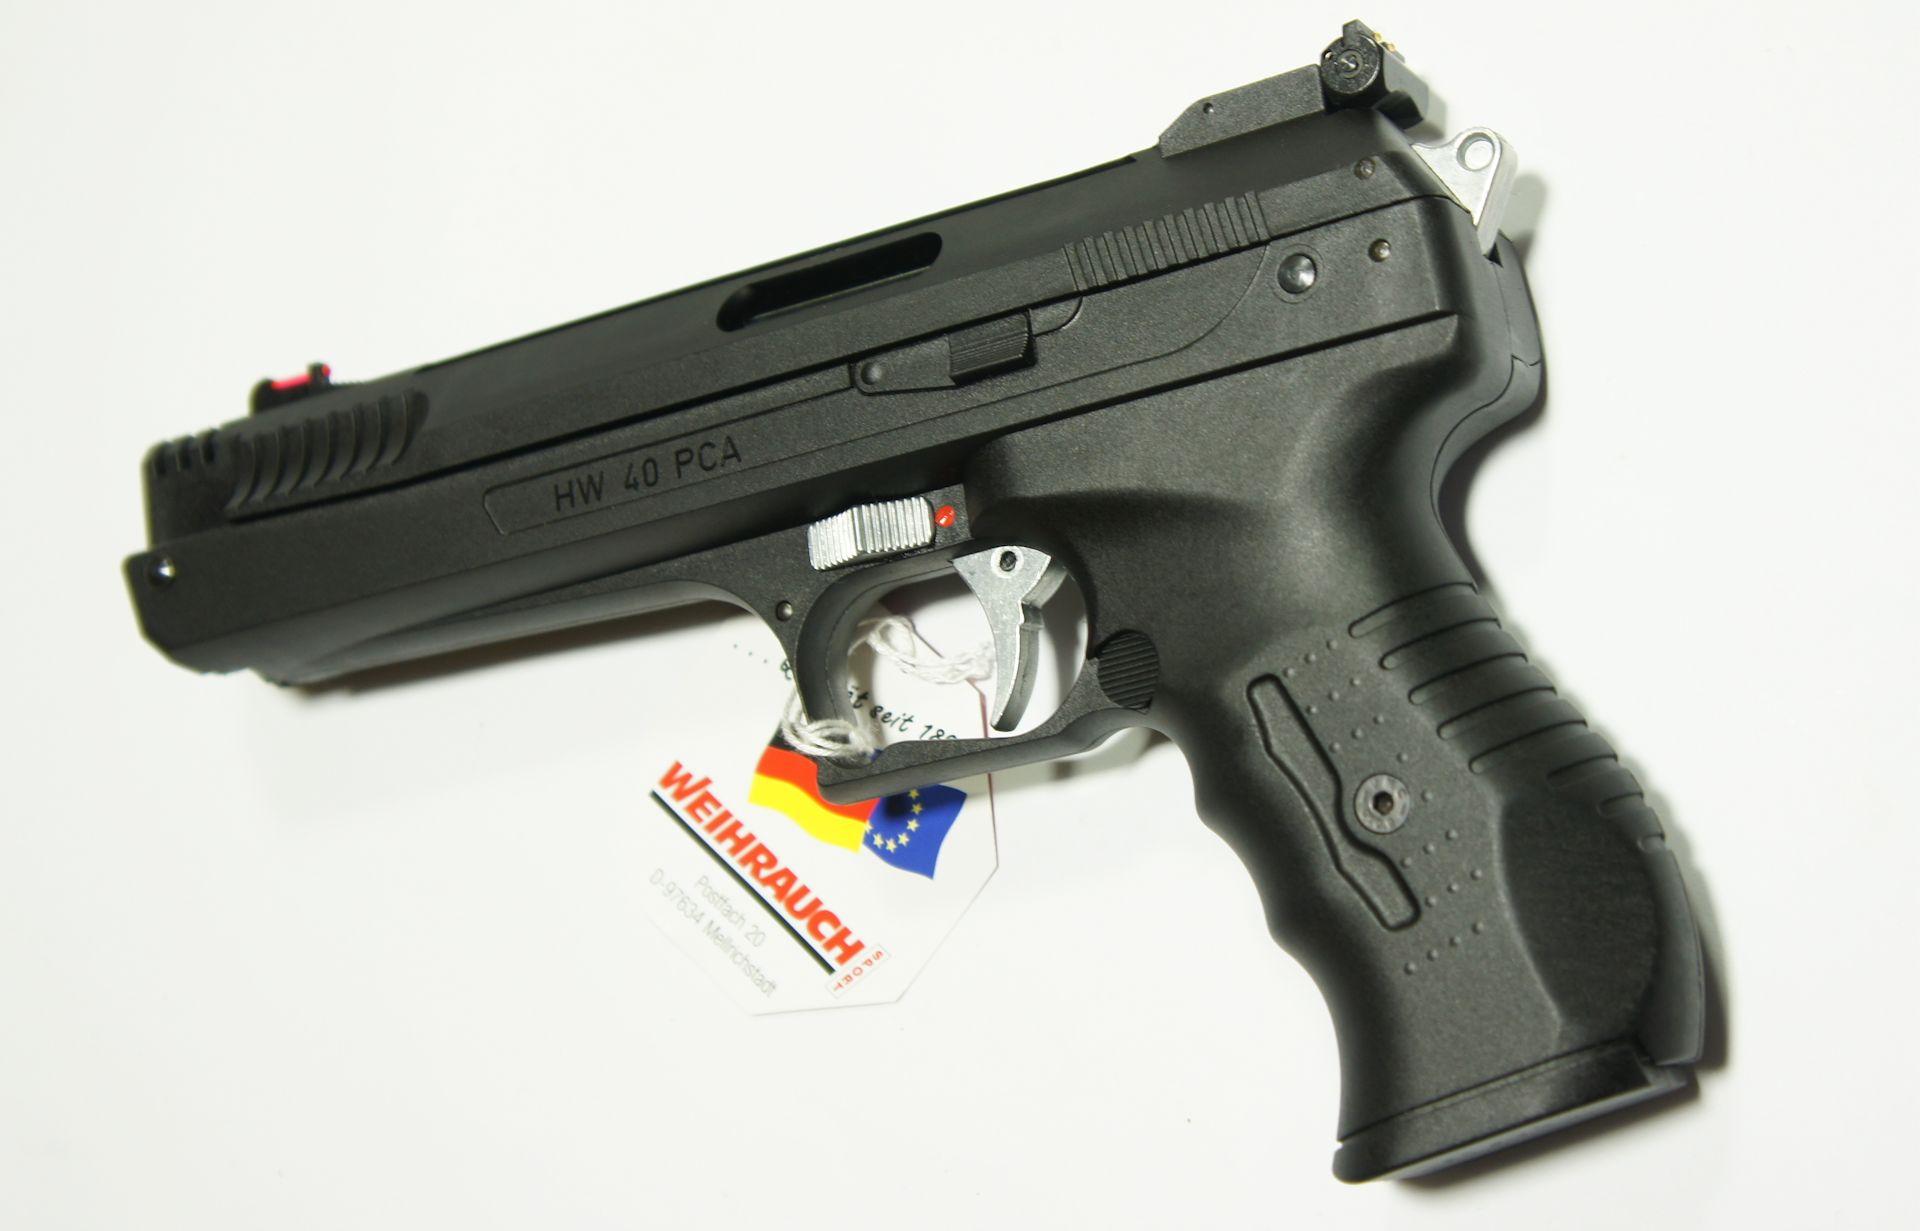 Luftpistole HW 40